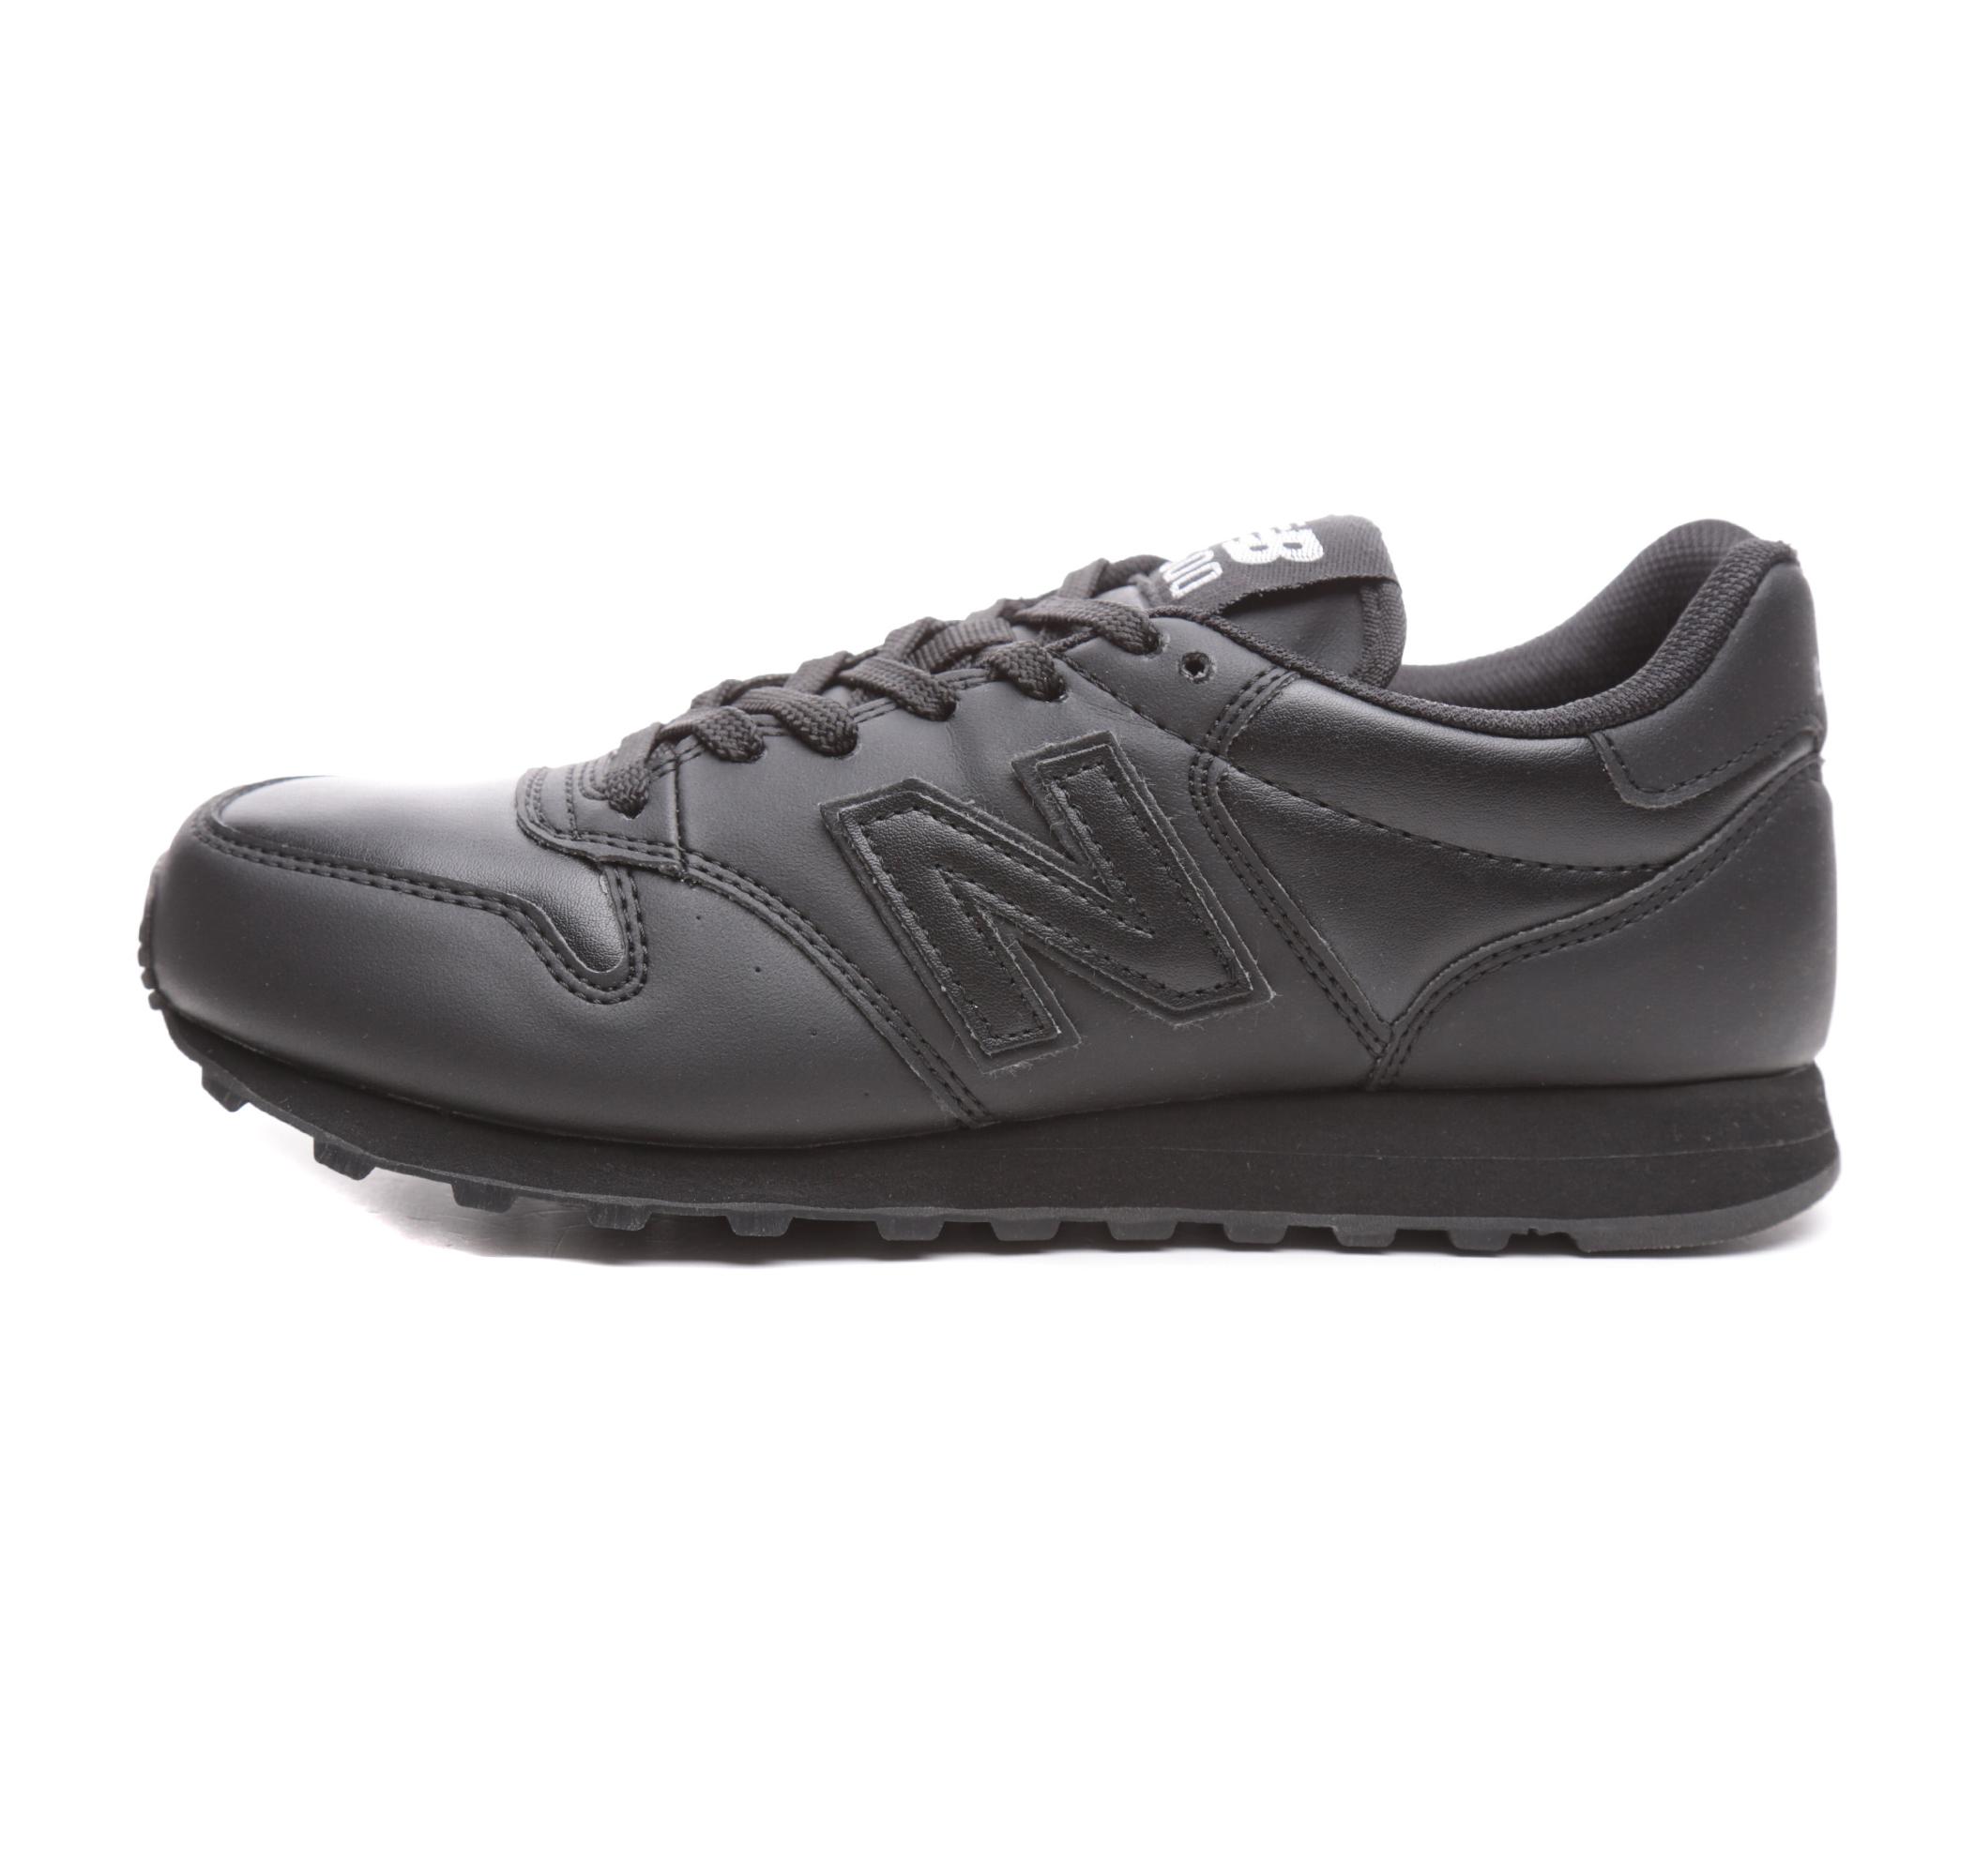 Gw500Tsb Kadın Spor Ayakkabı Siyah